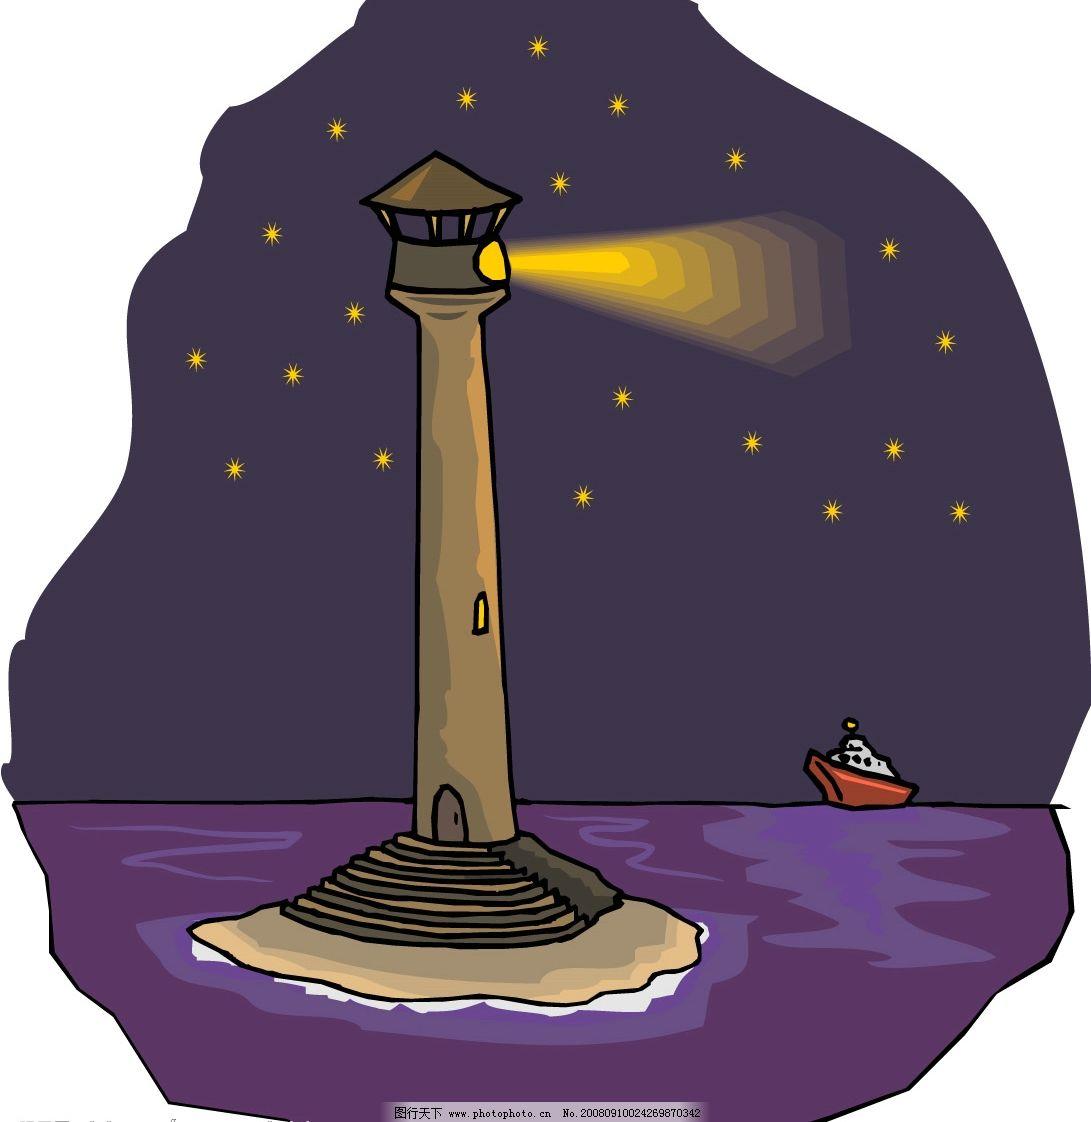 灯塔8 灯塔 星星 海 黑夜 光线 船 自然景观 建筑景观 矢量图库 ai